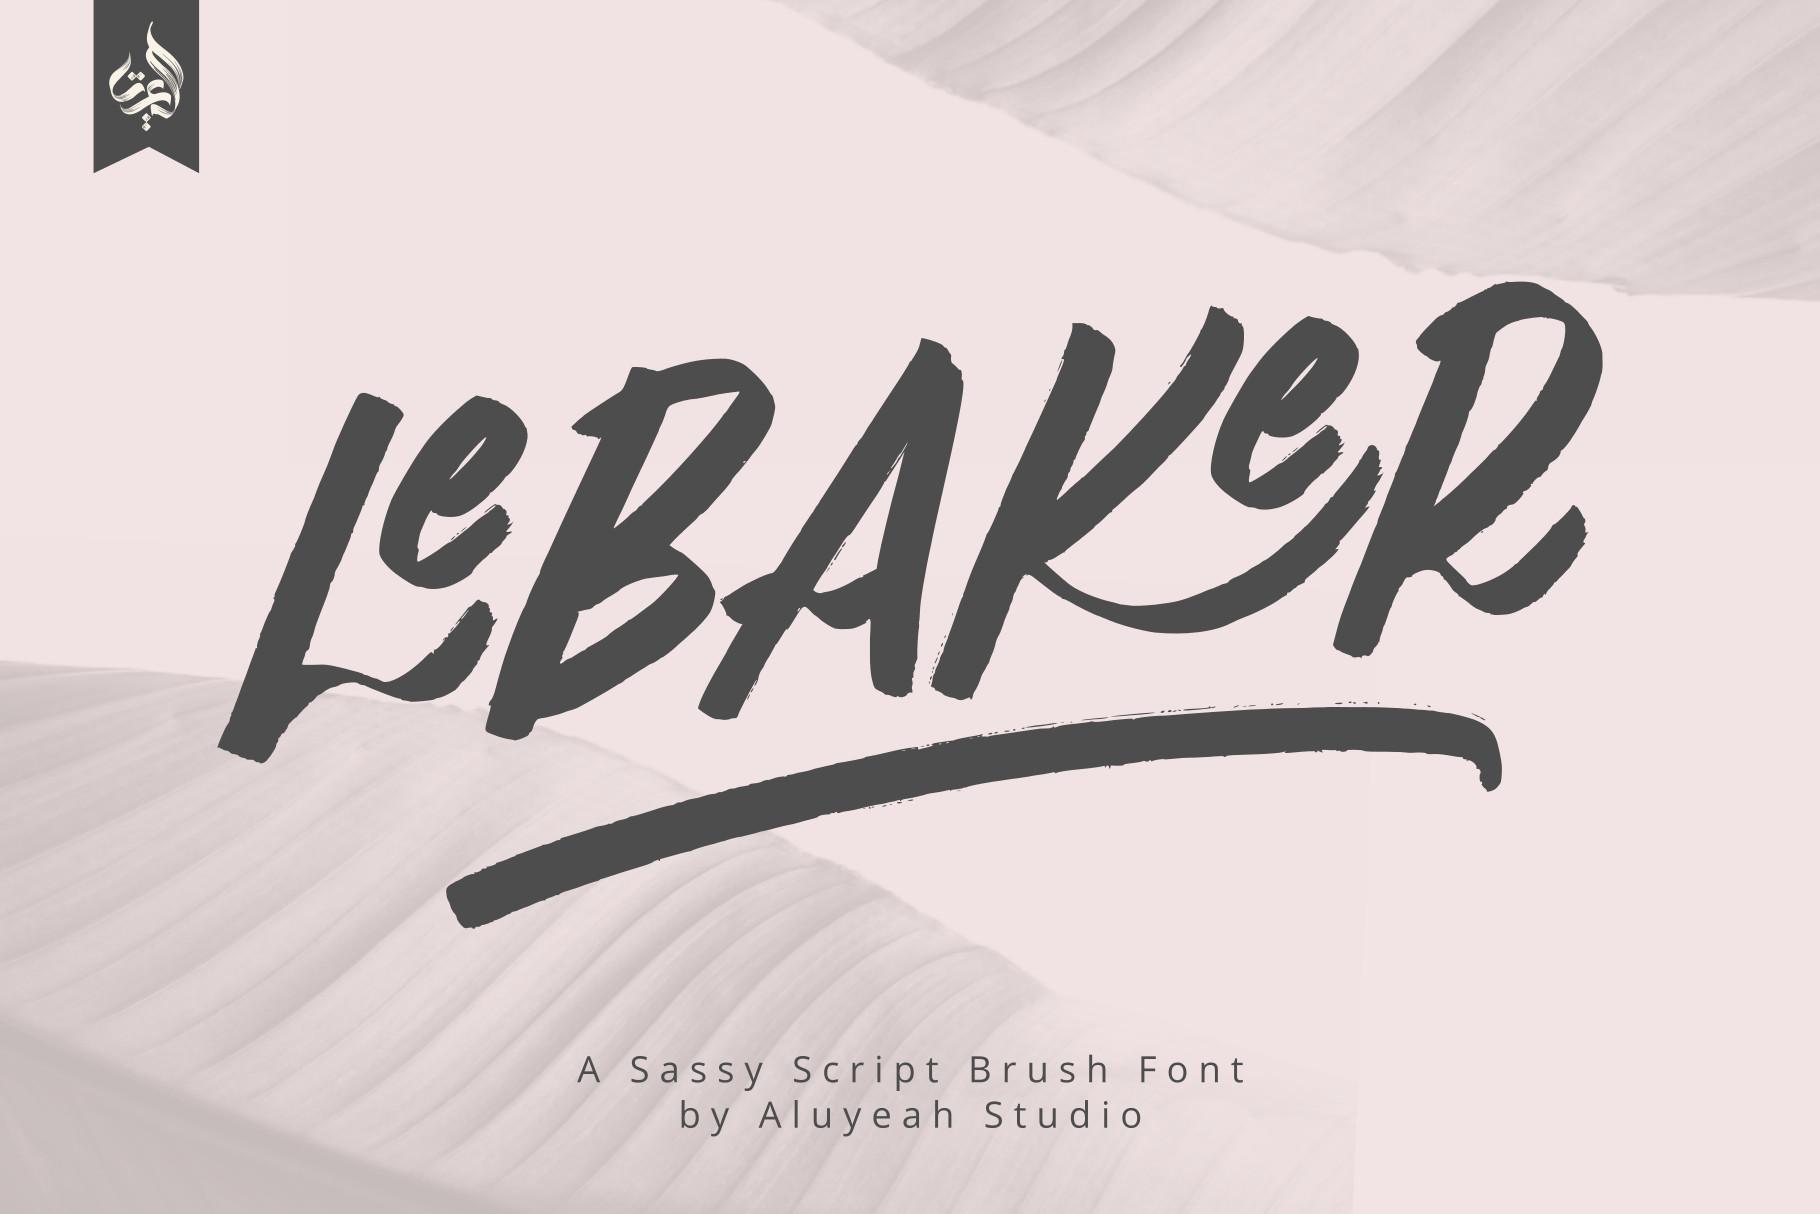 AL Lebaker - Homemade Script Font example image 1